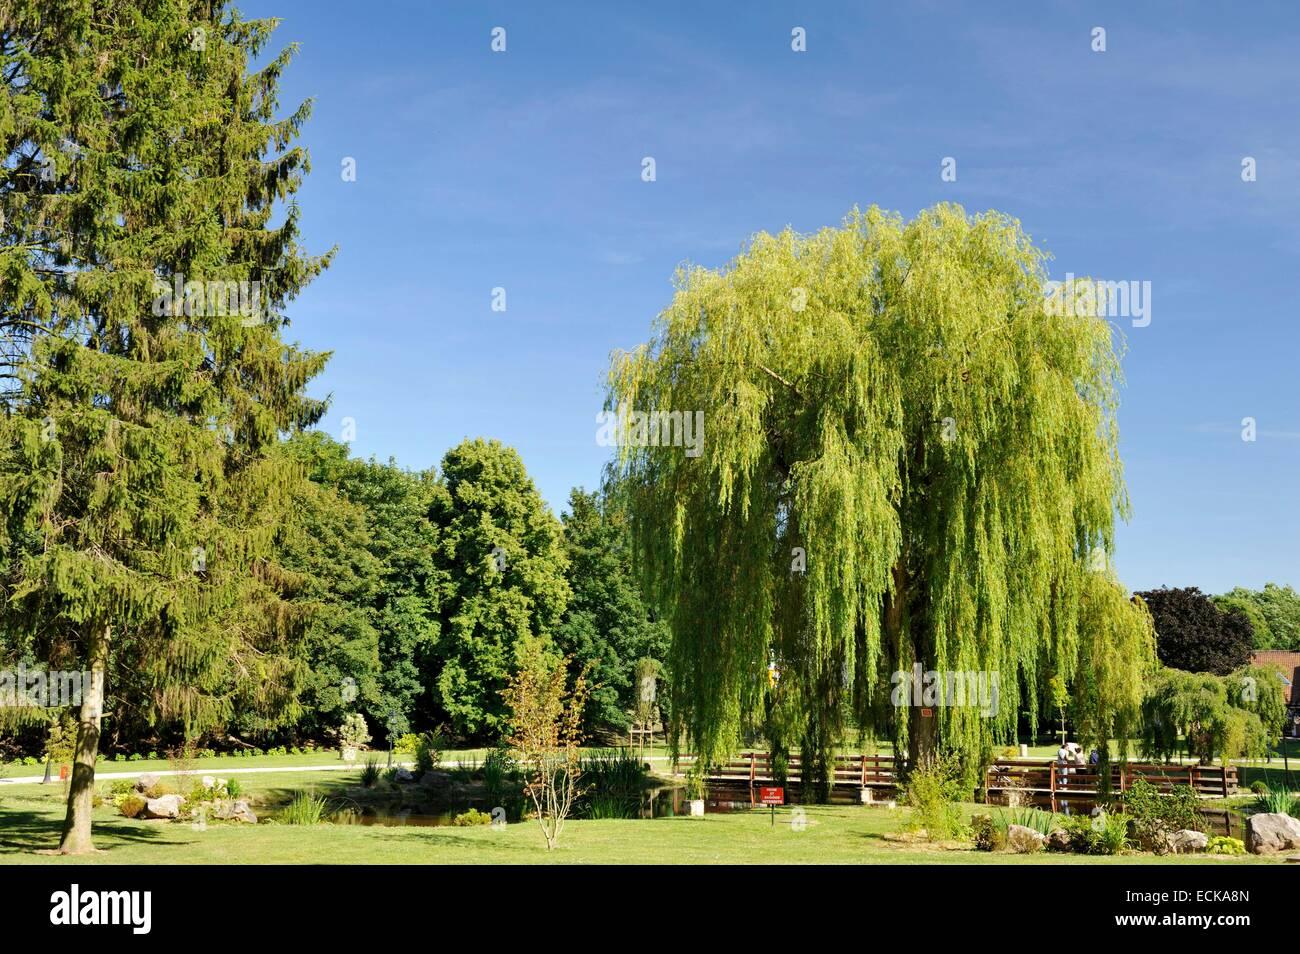 France, Pas de Calais, Lievin, Public Garden - Stock Image